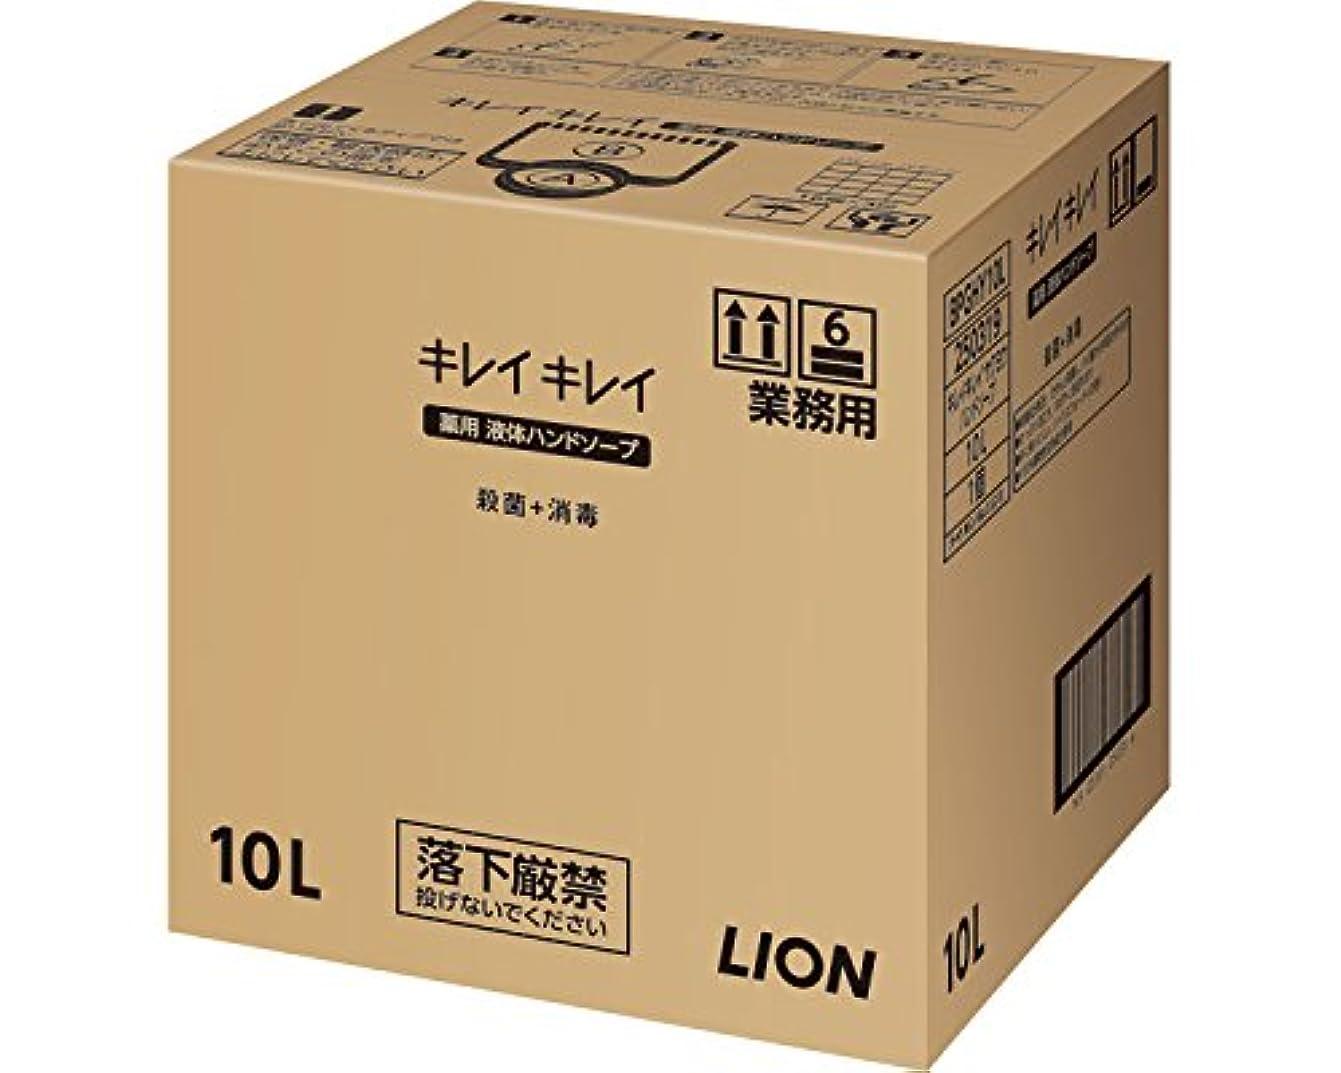 キレイキレイ薬用ハンドソープ 10L (ライオンハイジーン) (清拭小物)